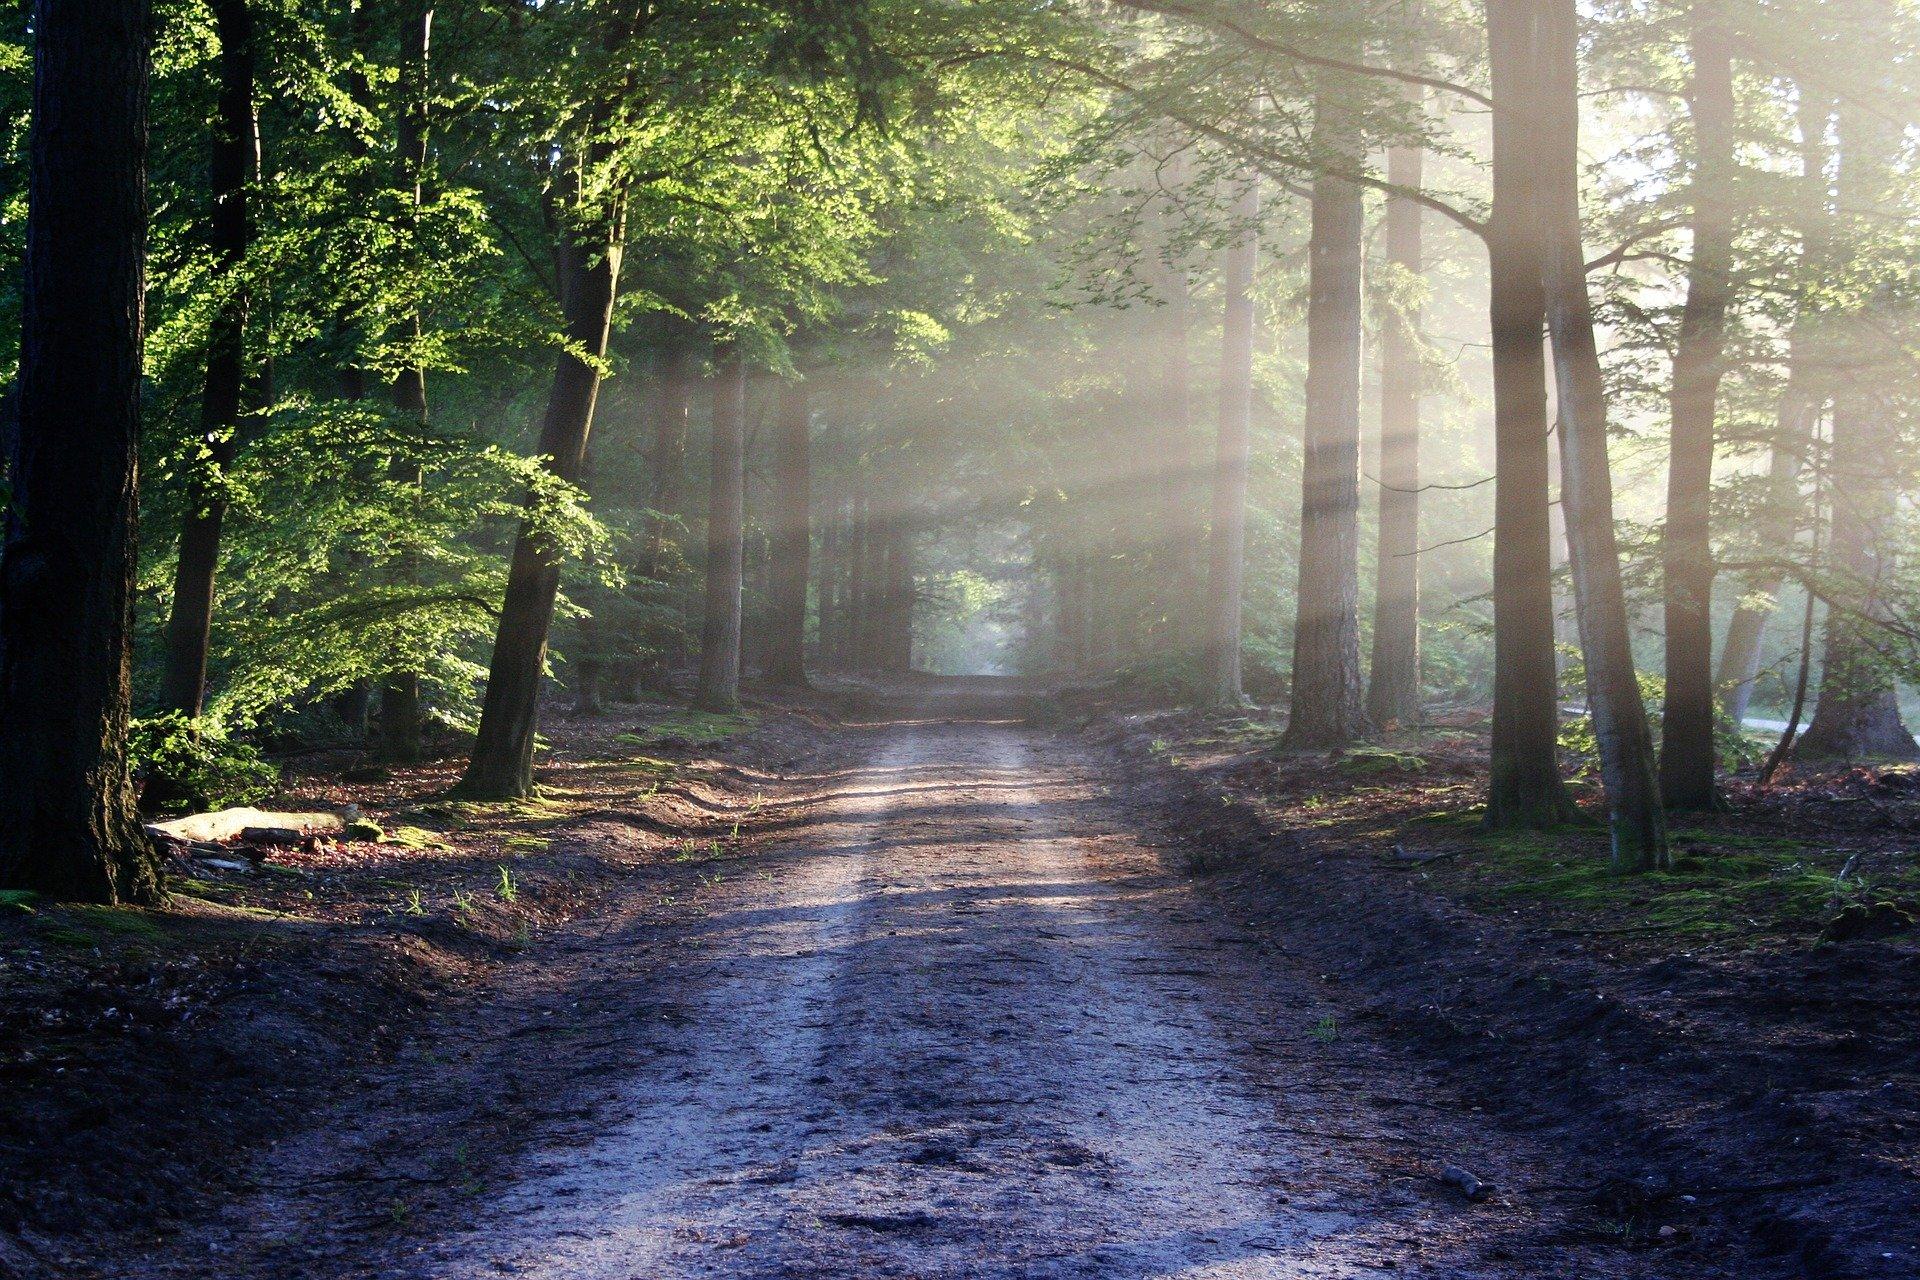 「回家」的路途,就是拿回靈魂力量之路!